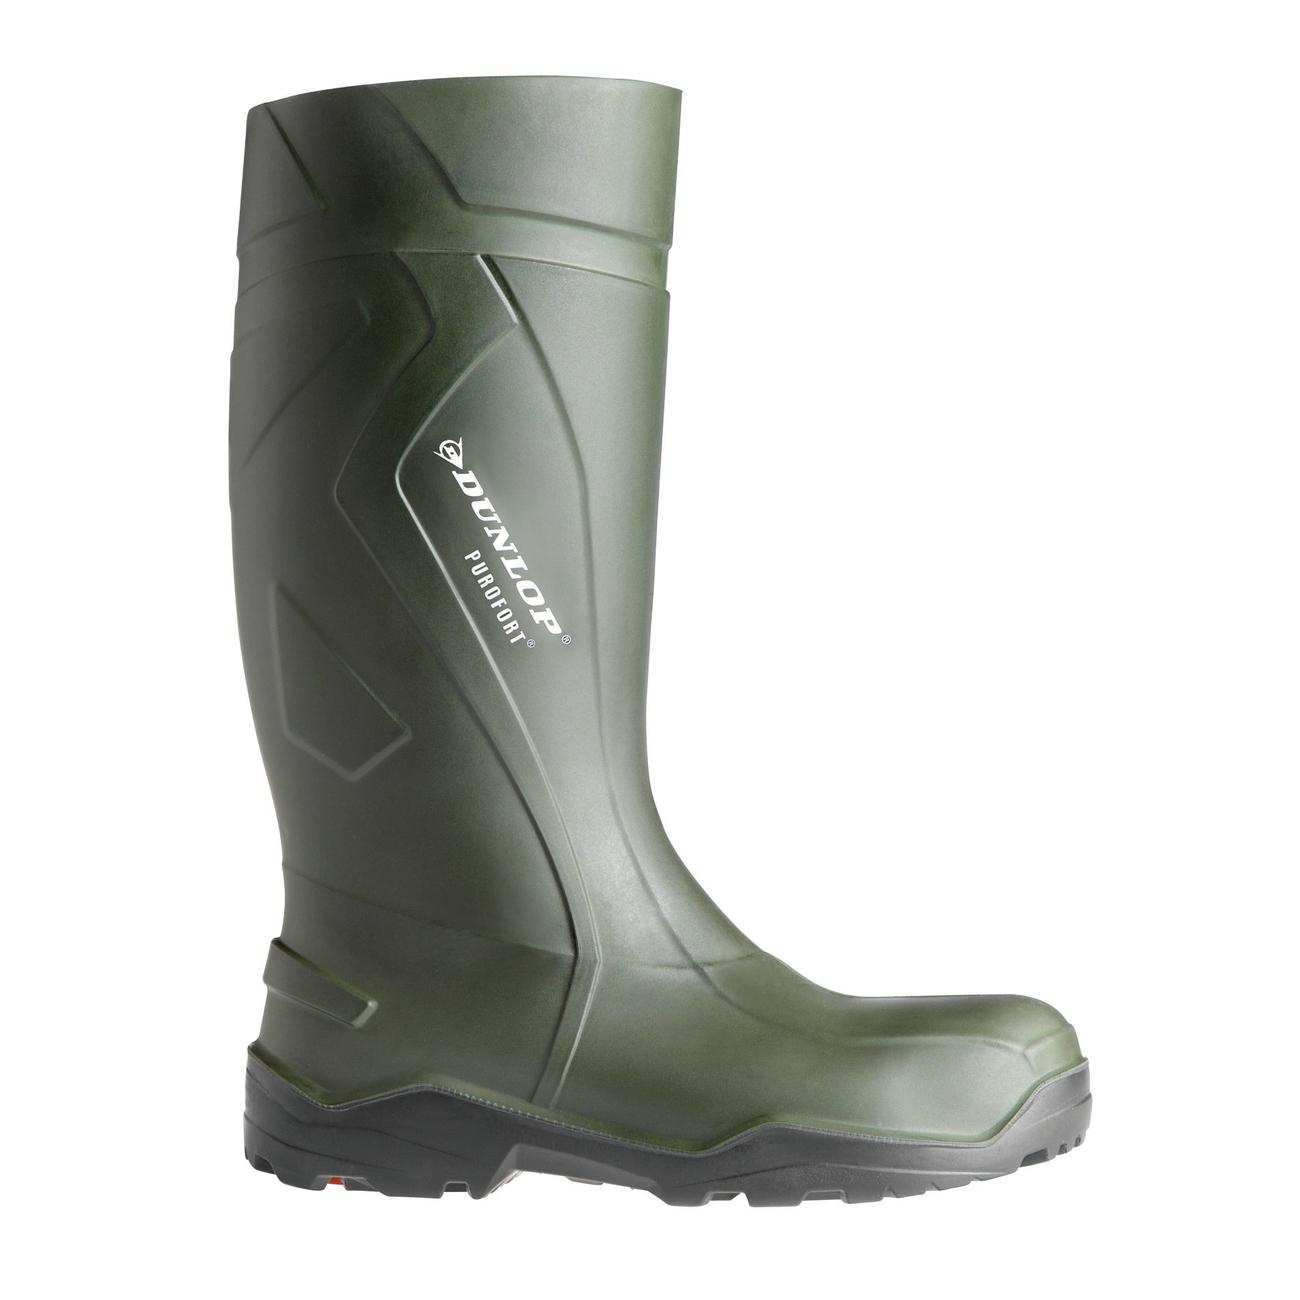 Dunlop Purofort Plus Full Safety Sicherheitsstiefel, Bild 2